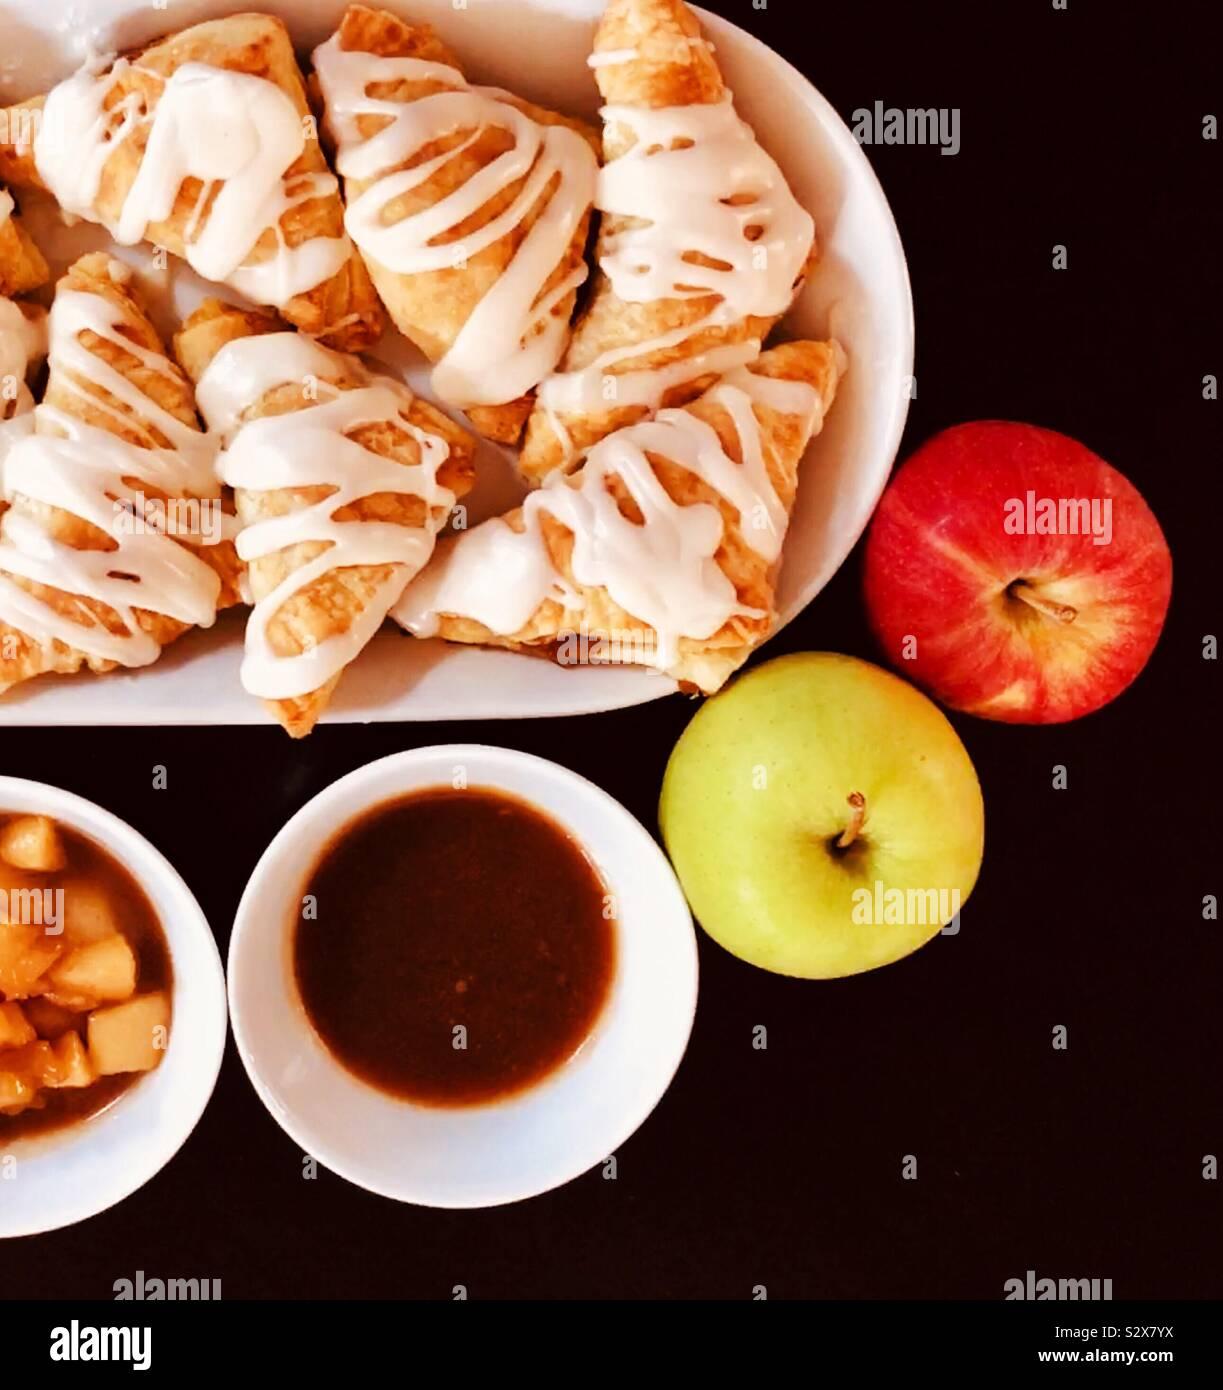 Caduta la cottura fatturati apple Foto Stock